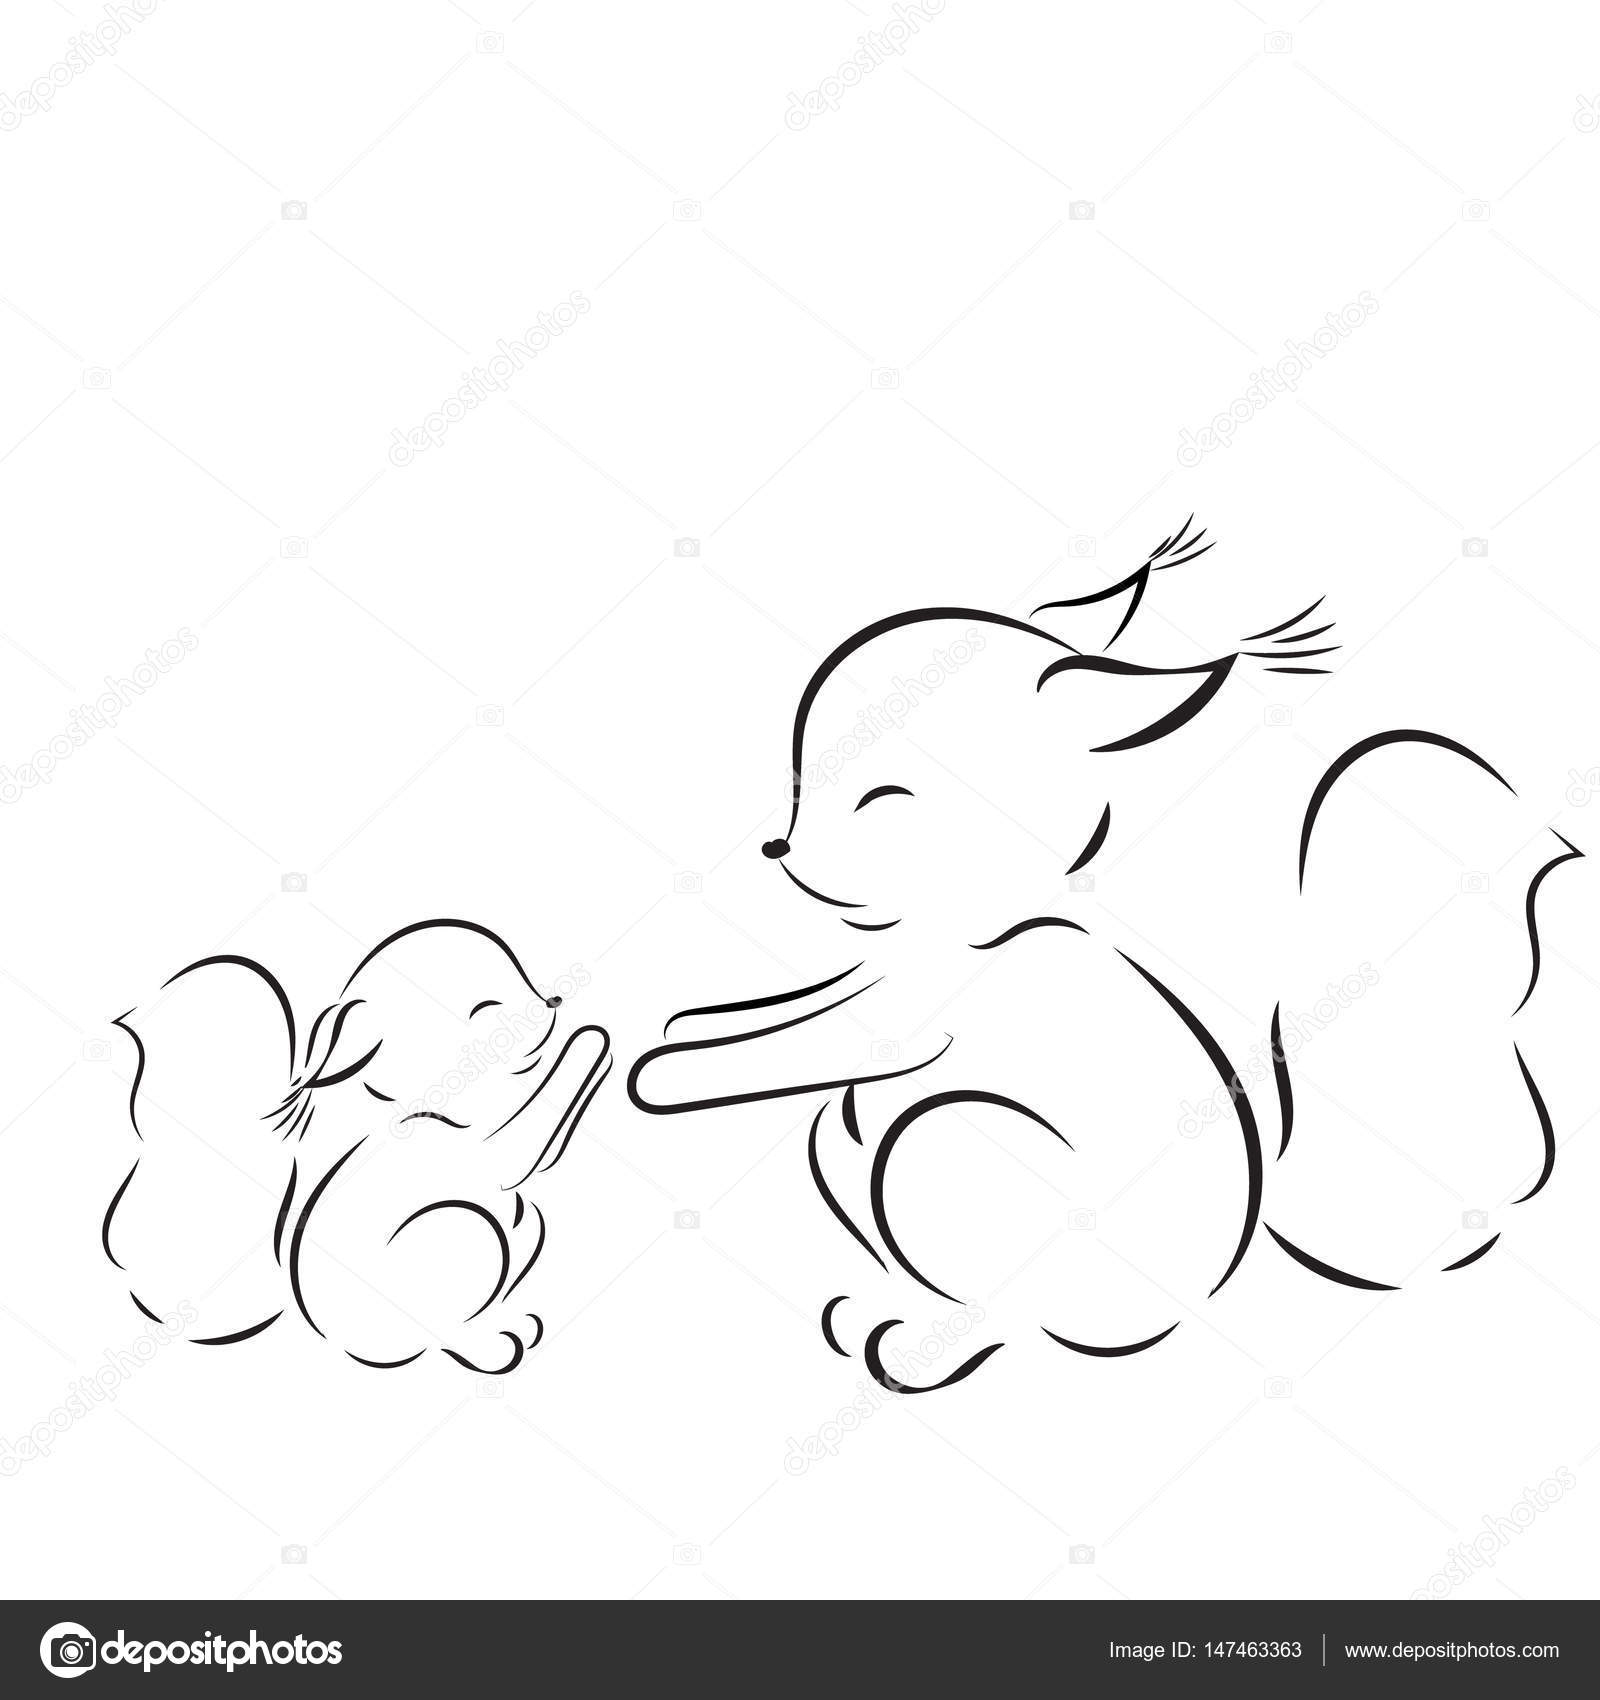 Boyama Sayfası Sincap Anne Ve Bebek çizim Vektör Anahat Stok